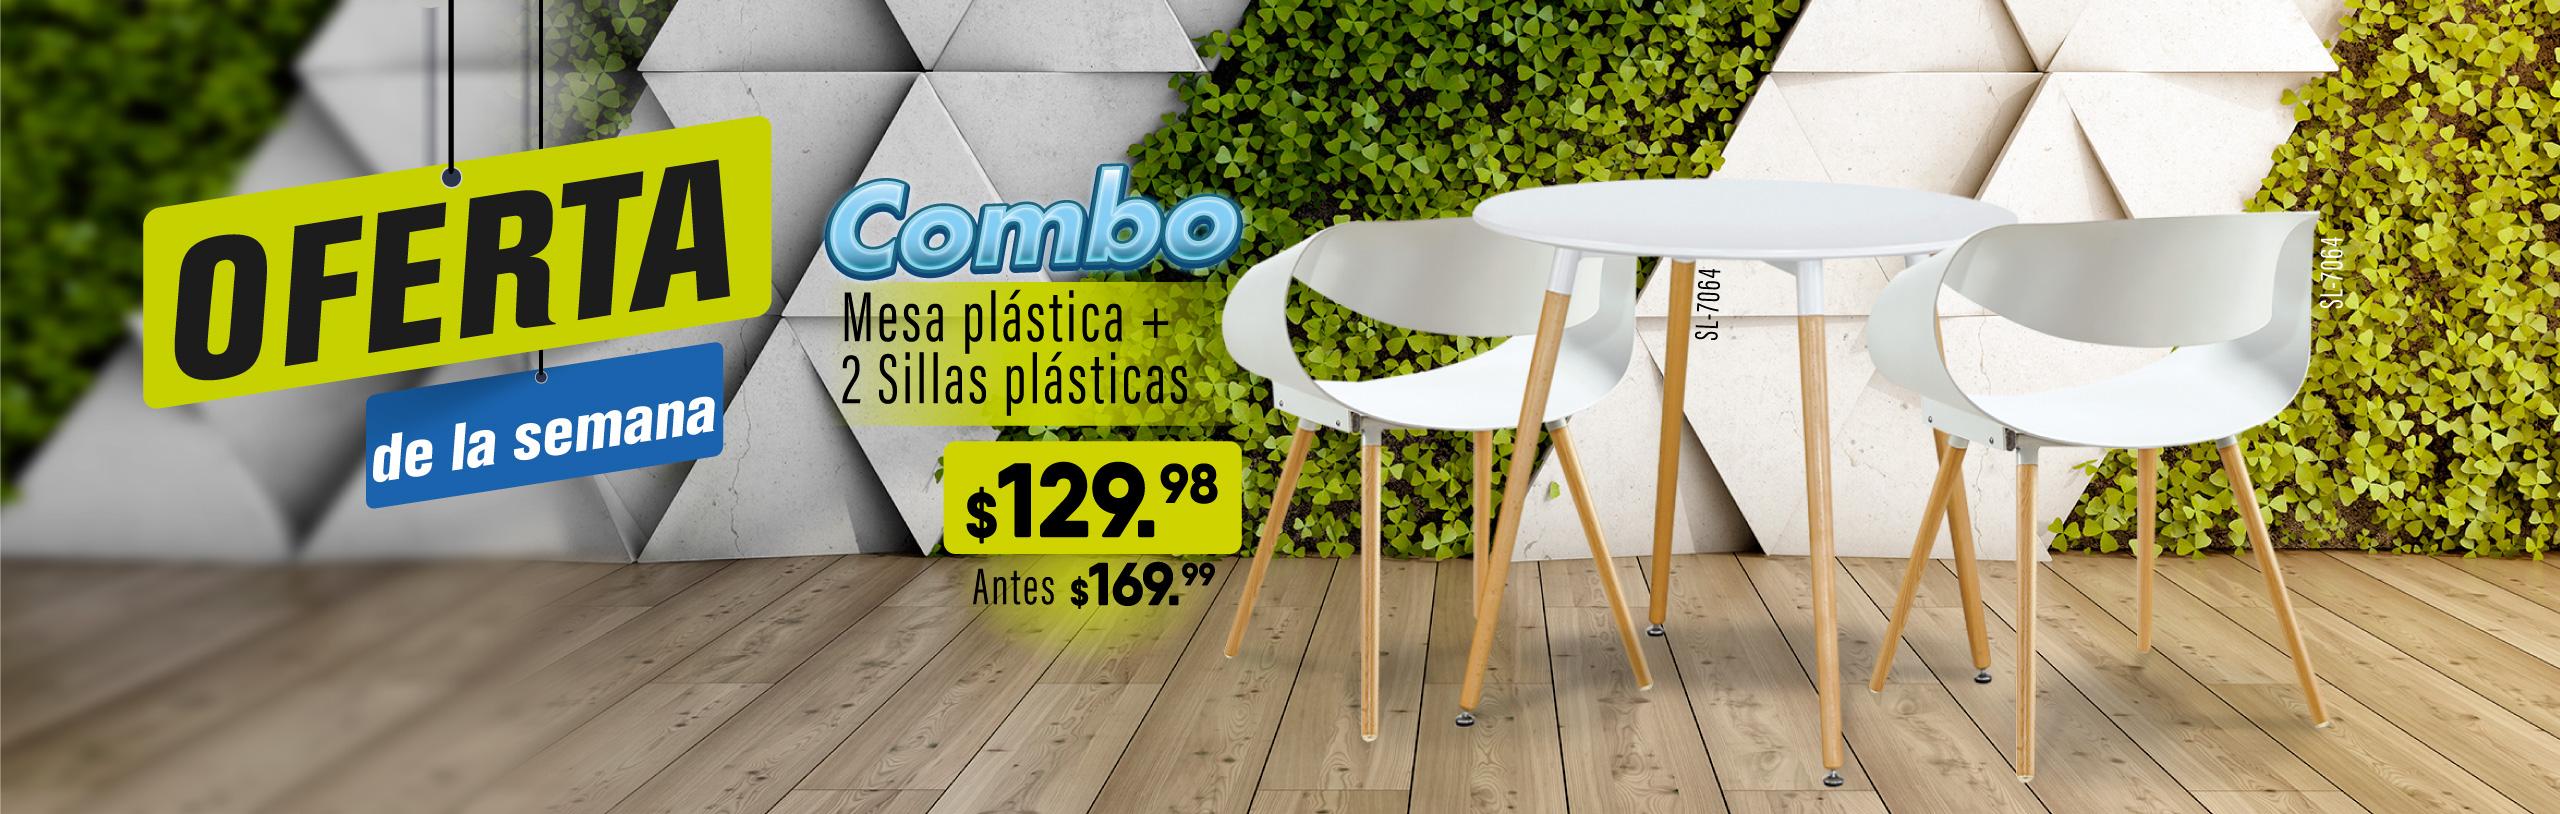 Región-7-ofertas combo mesa y sillas plasticas